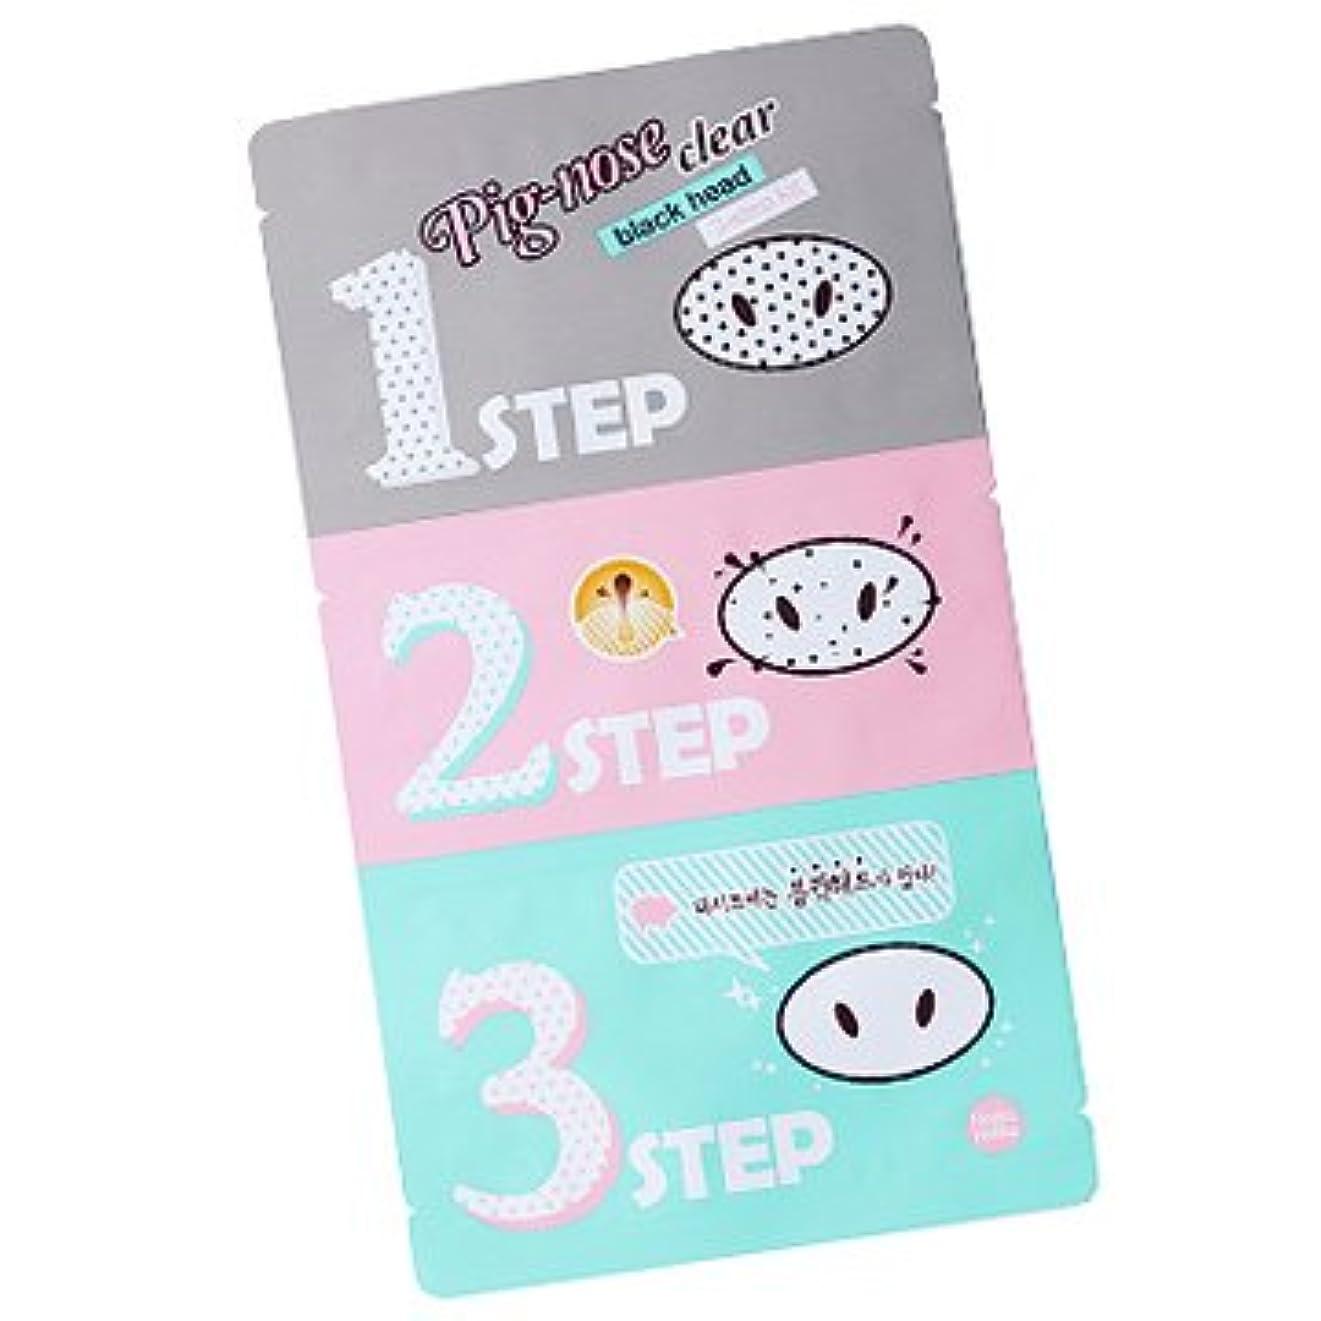 争うトリクル軸Holika Holika Pig Nose Clear Black Head 3-Step Kit 10EA (Nose Pack) ホリカホリカ ピグノーズクリアブラックヘッド3-Stepキット(鼻パック) 10pcs...